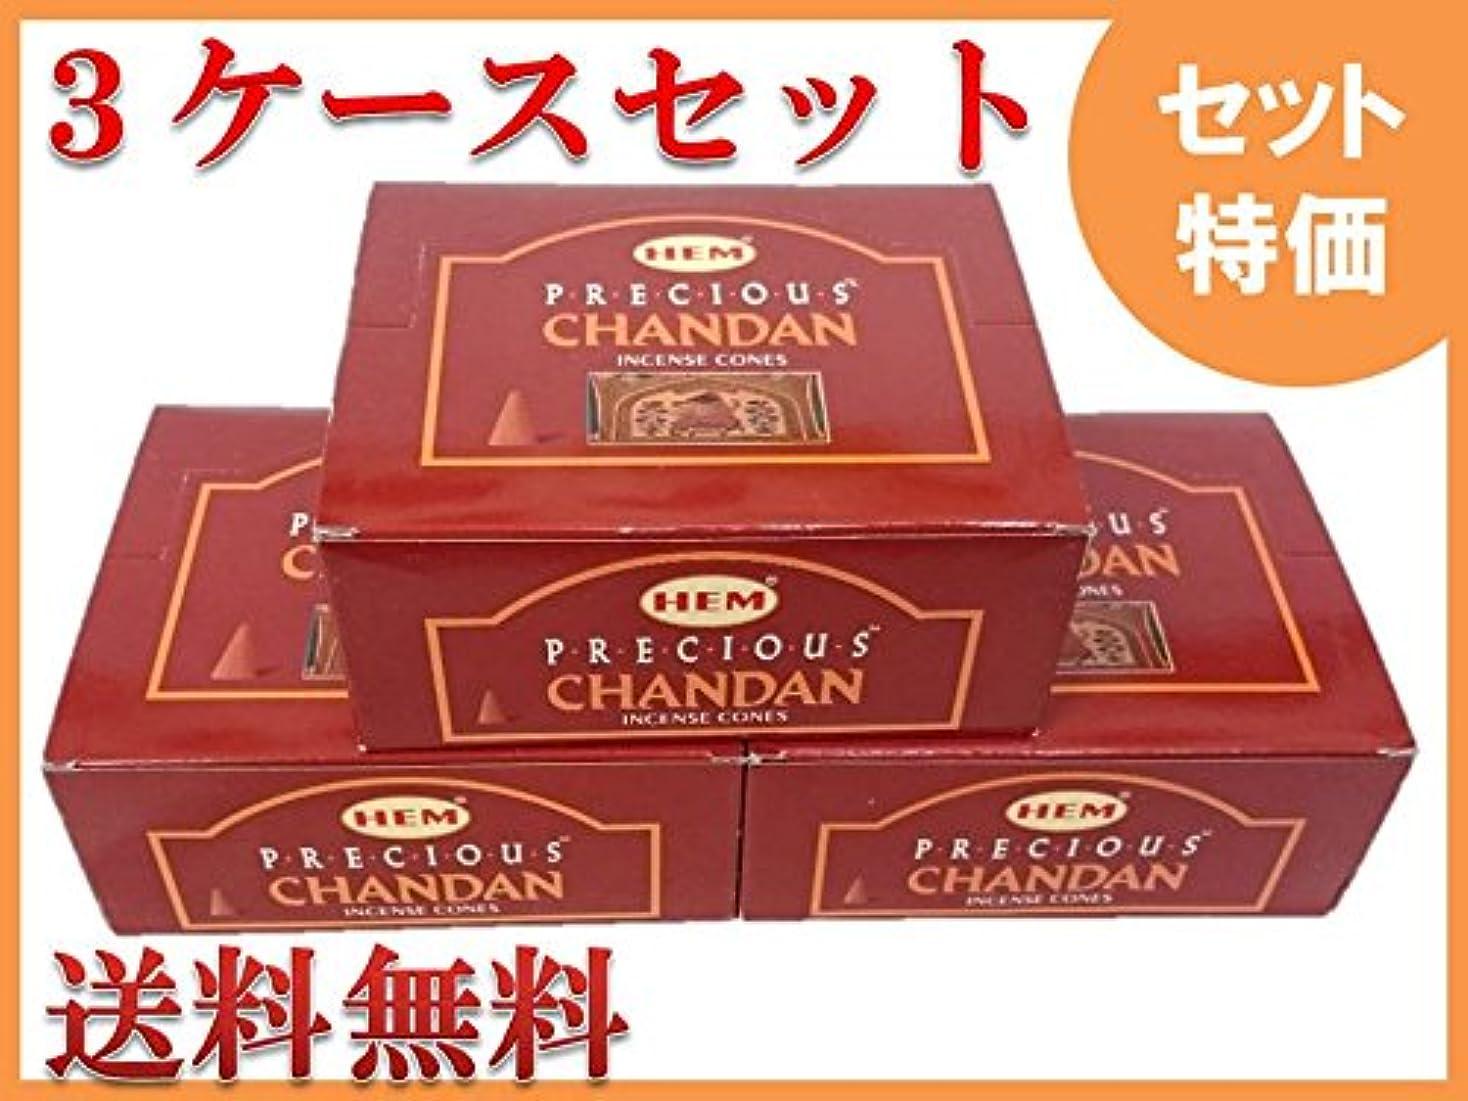 擬人ファンドタイプライターHEM お香コーン/(12箱入り) 3ケース(36箱)セット HEMチャンダン